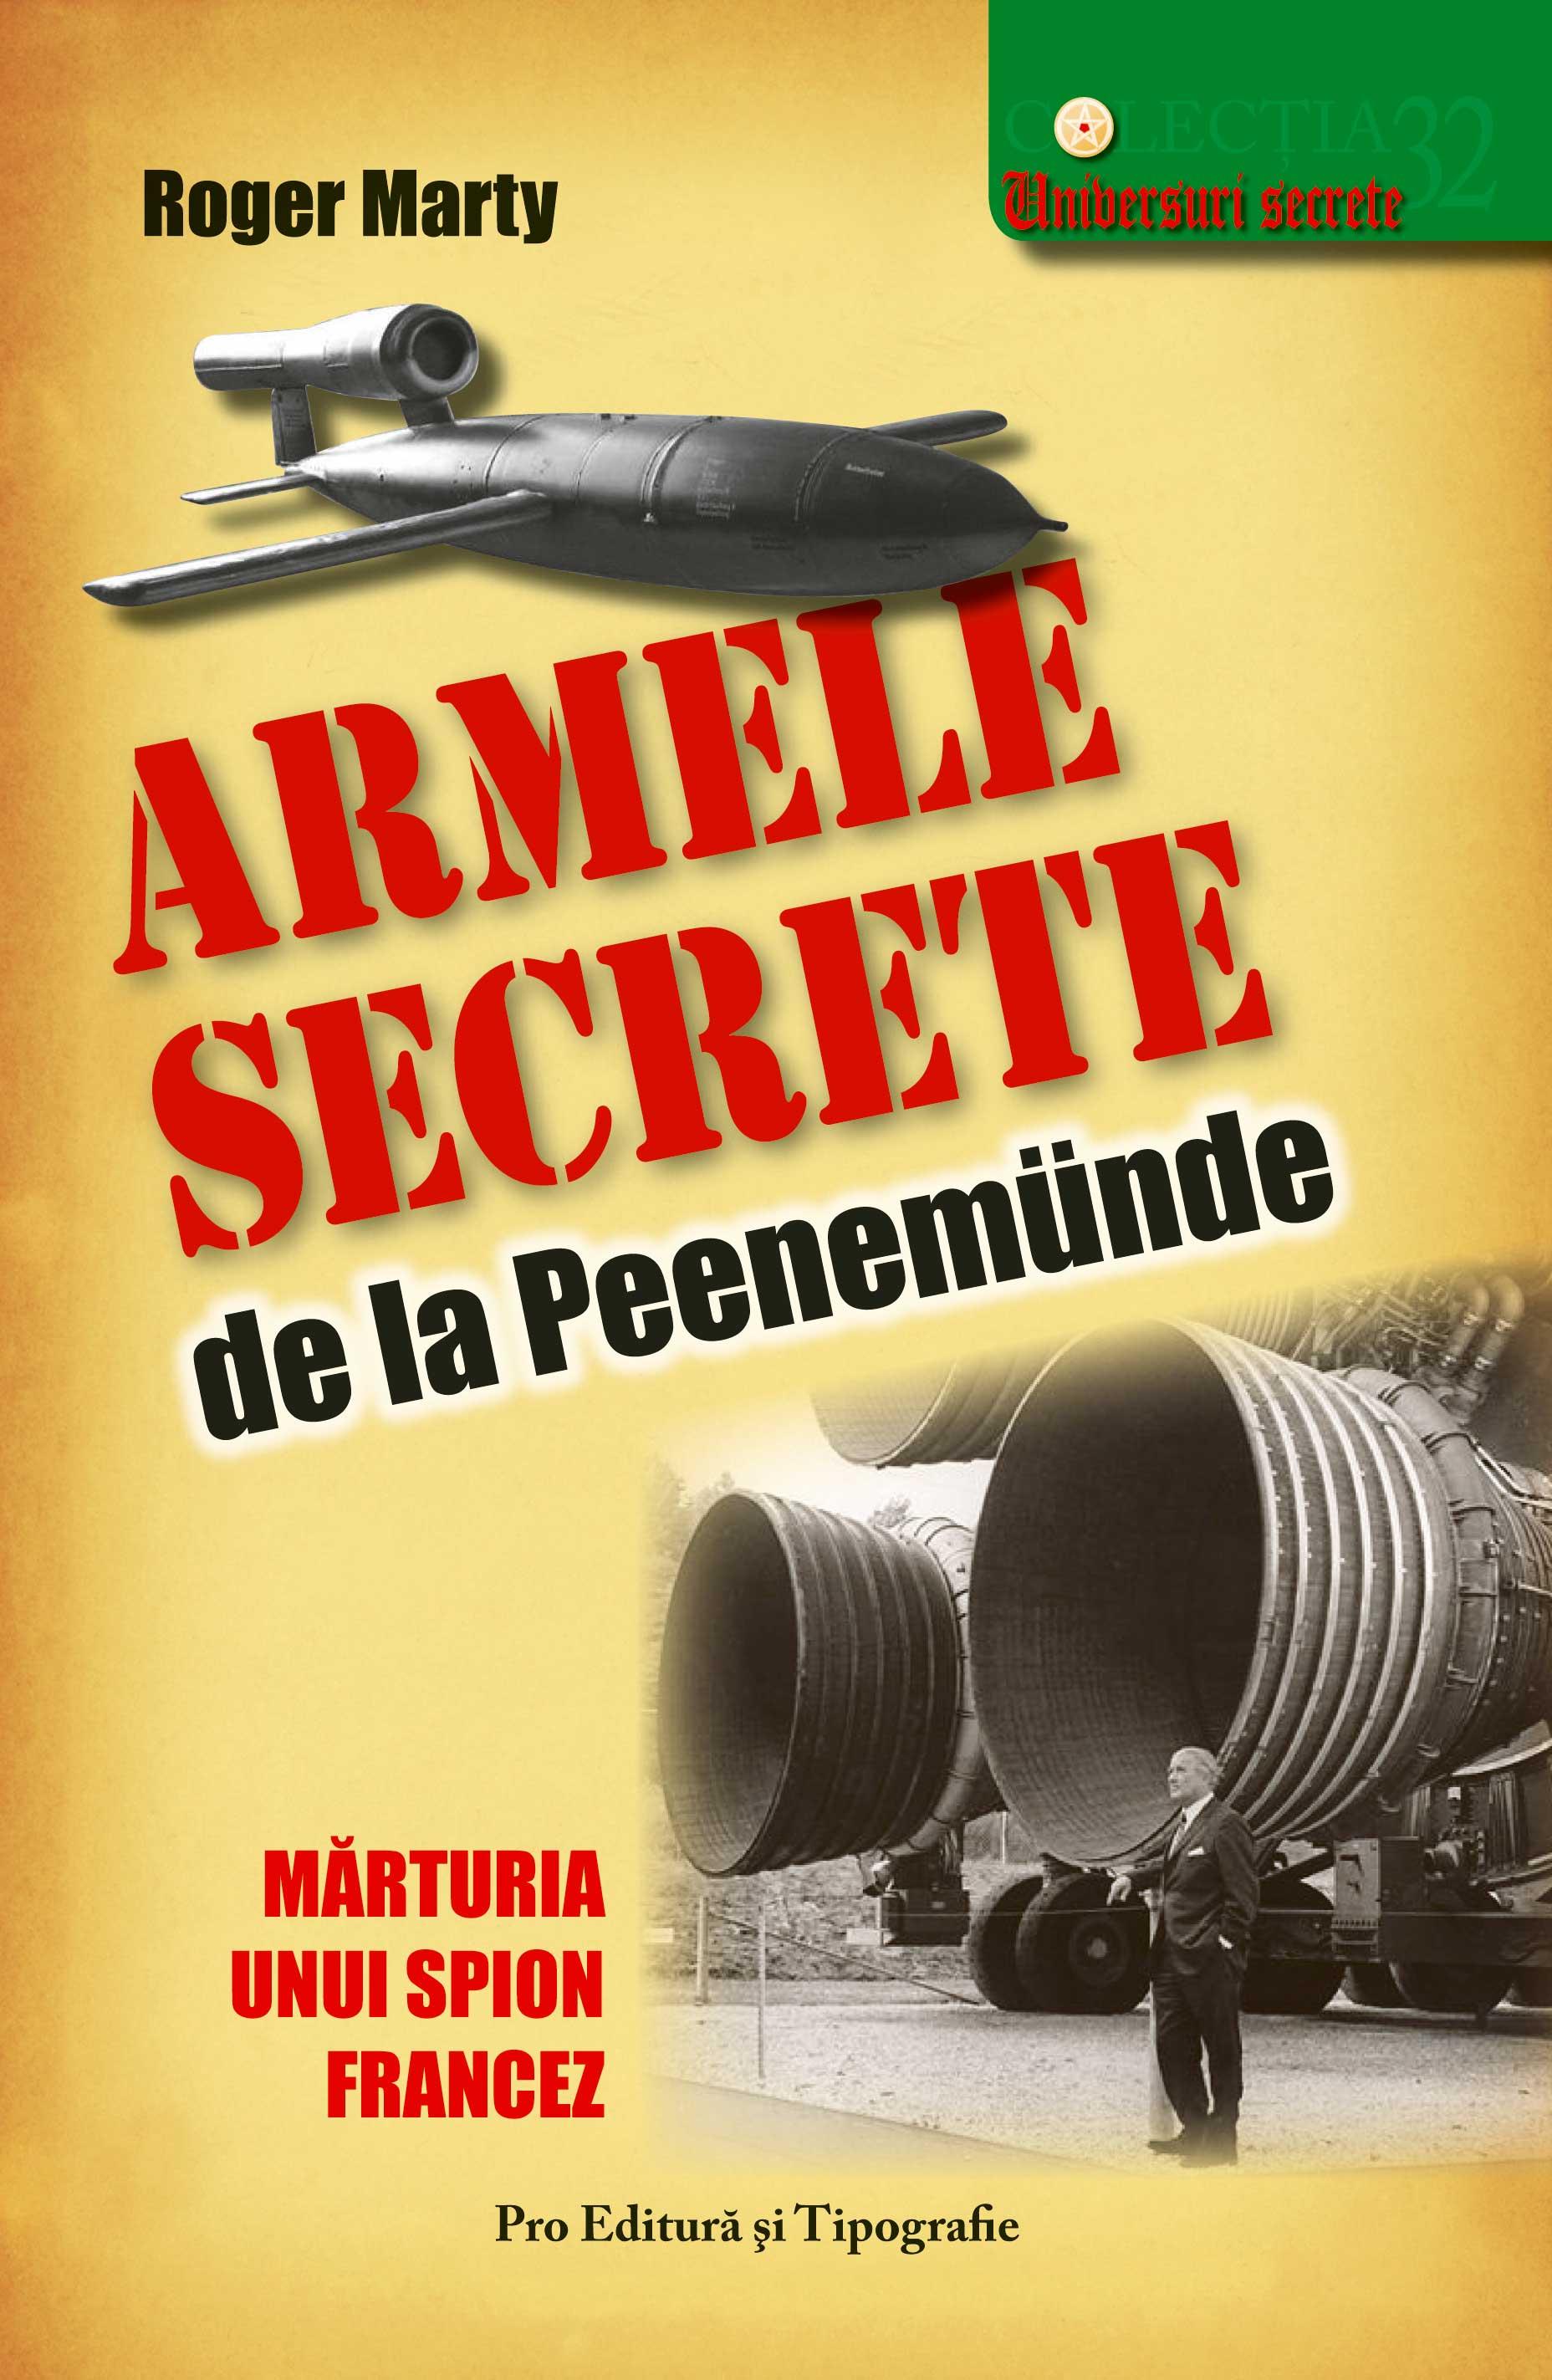 Armele Secrete De La Peenemude